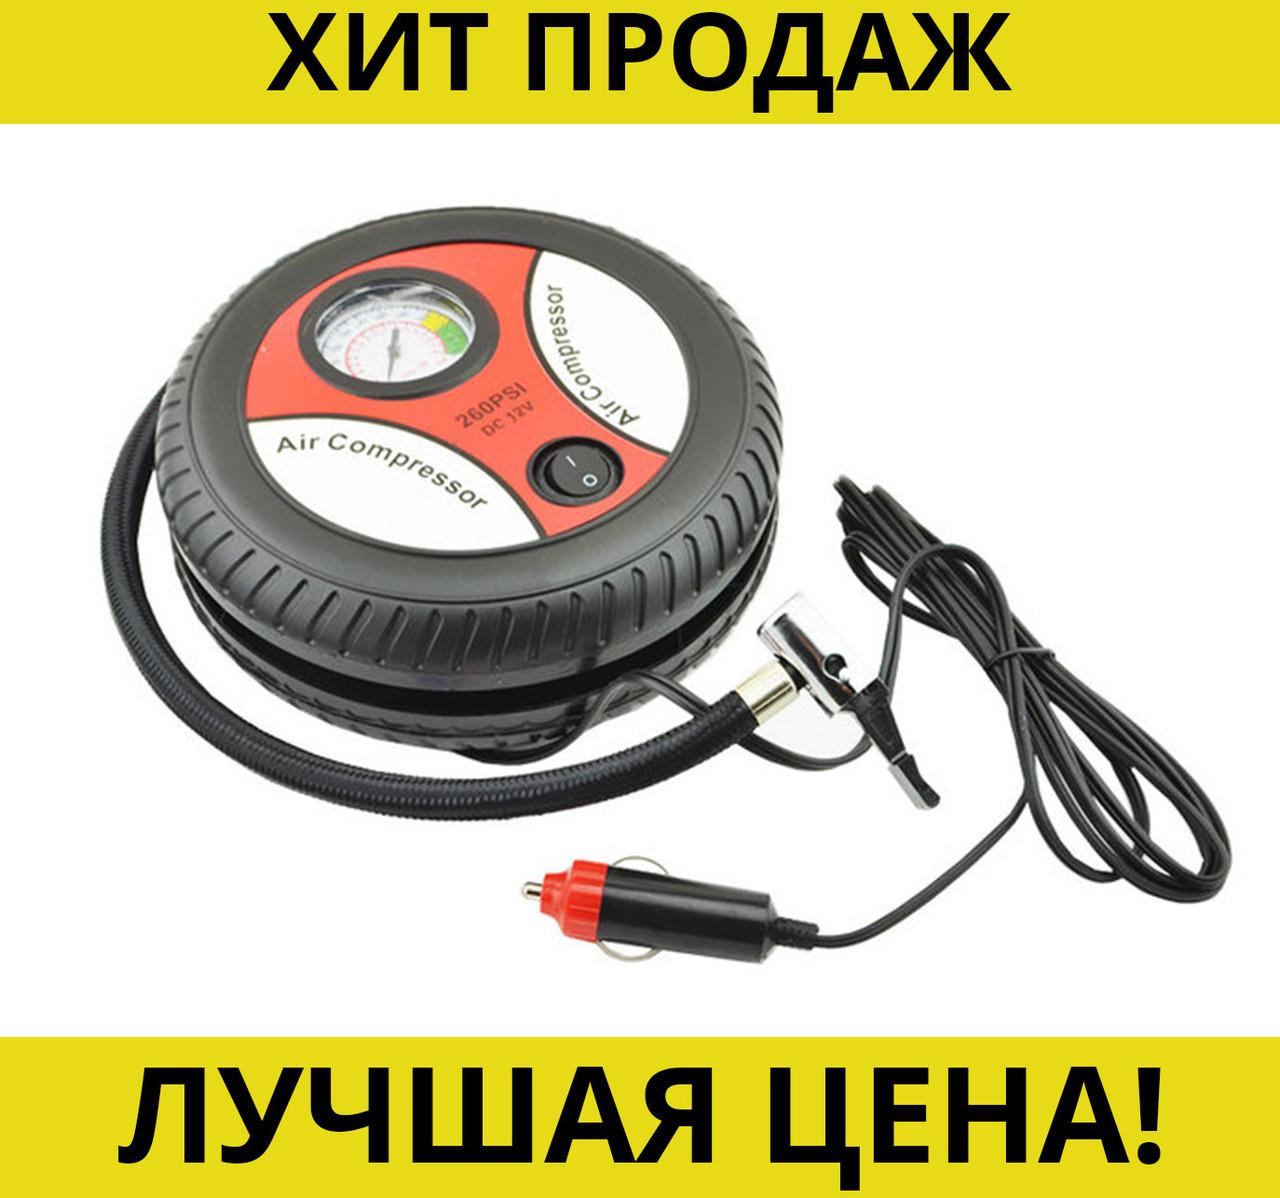 Компрессор для автомобильных шин Air Compressor Lesko 260PSI DC 12V!Хит цена